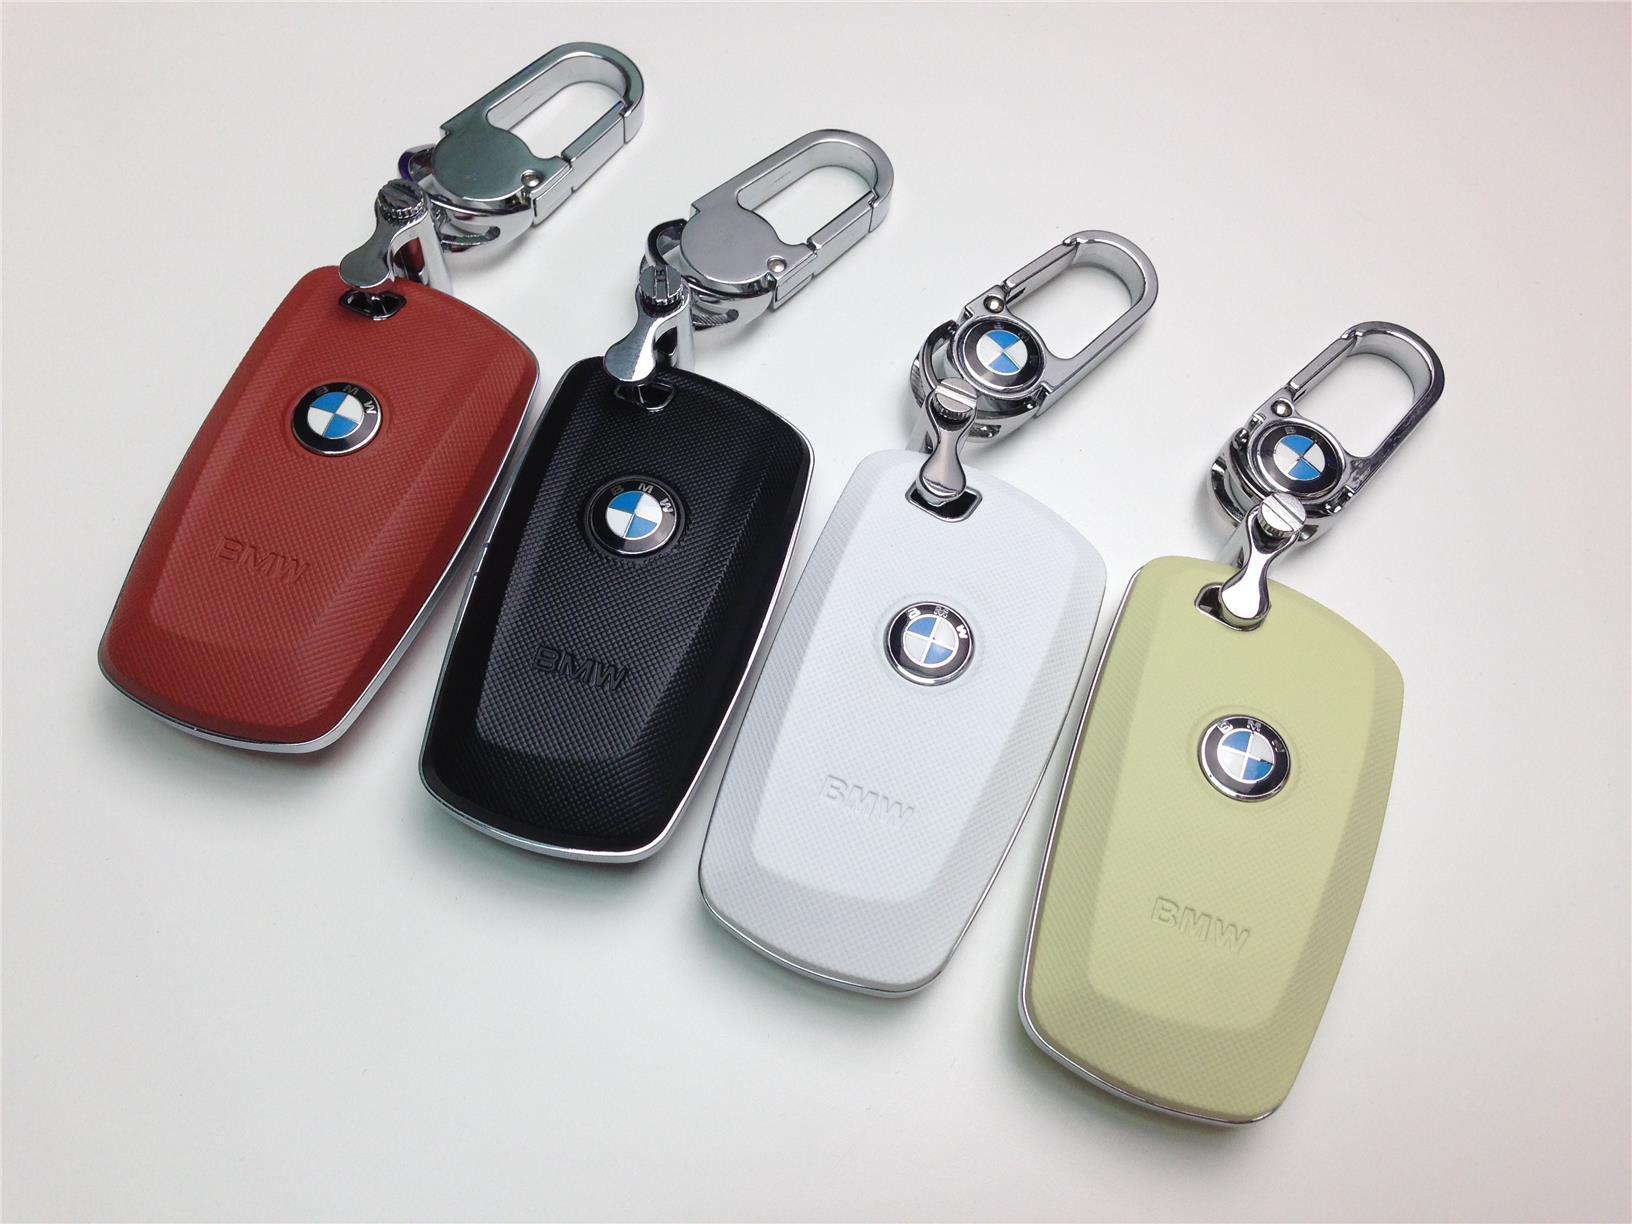 bmw auto key parts go fob ignition shop oem passive comfort set module access